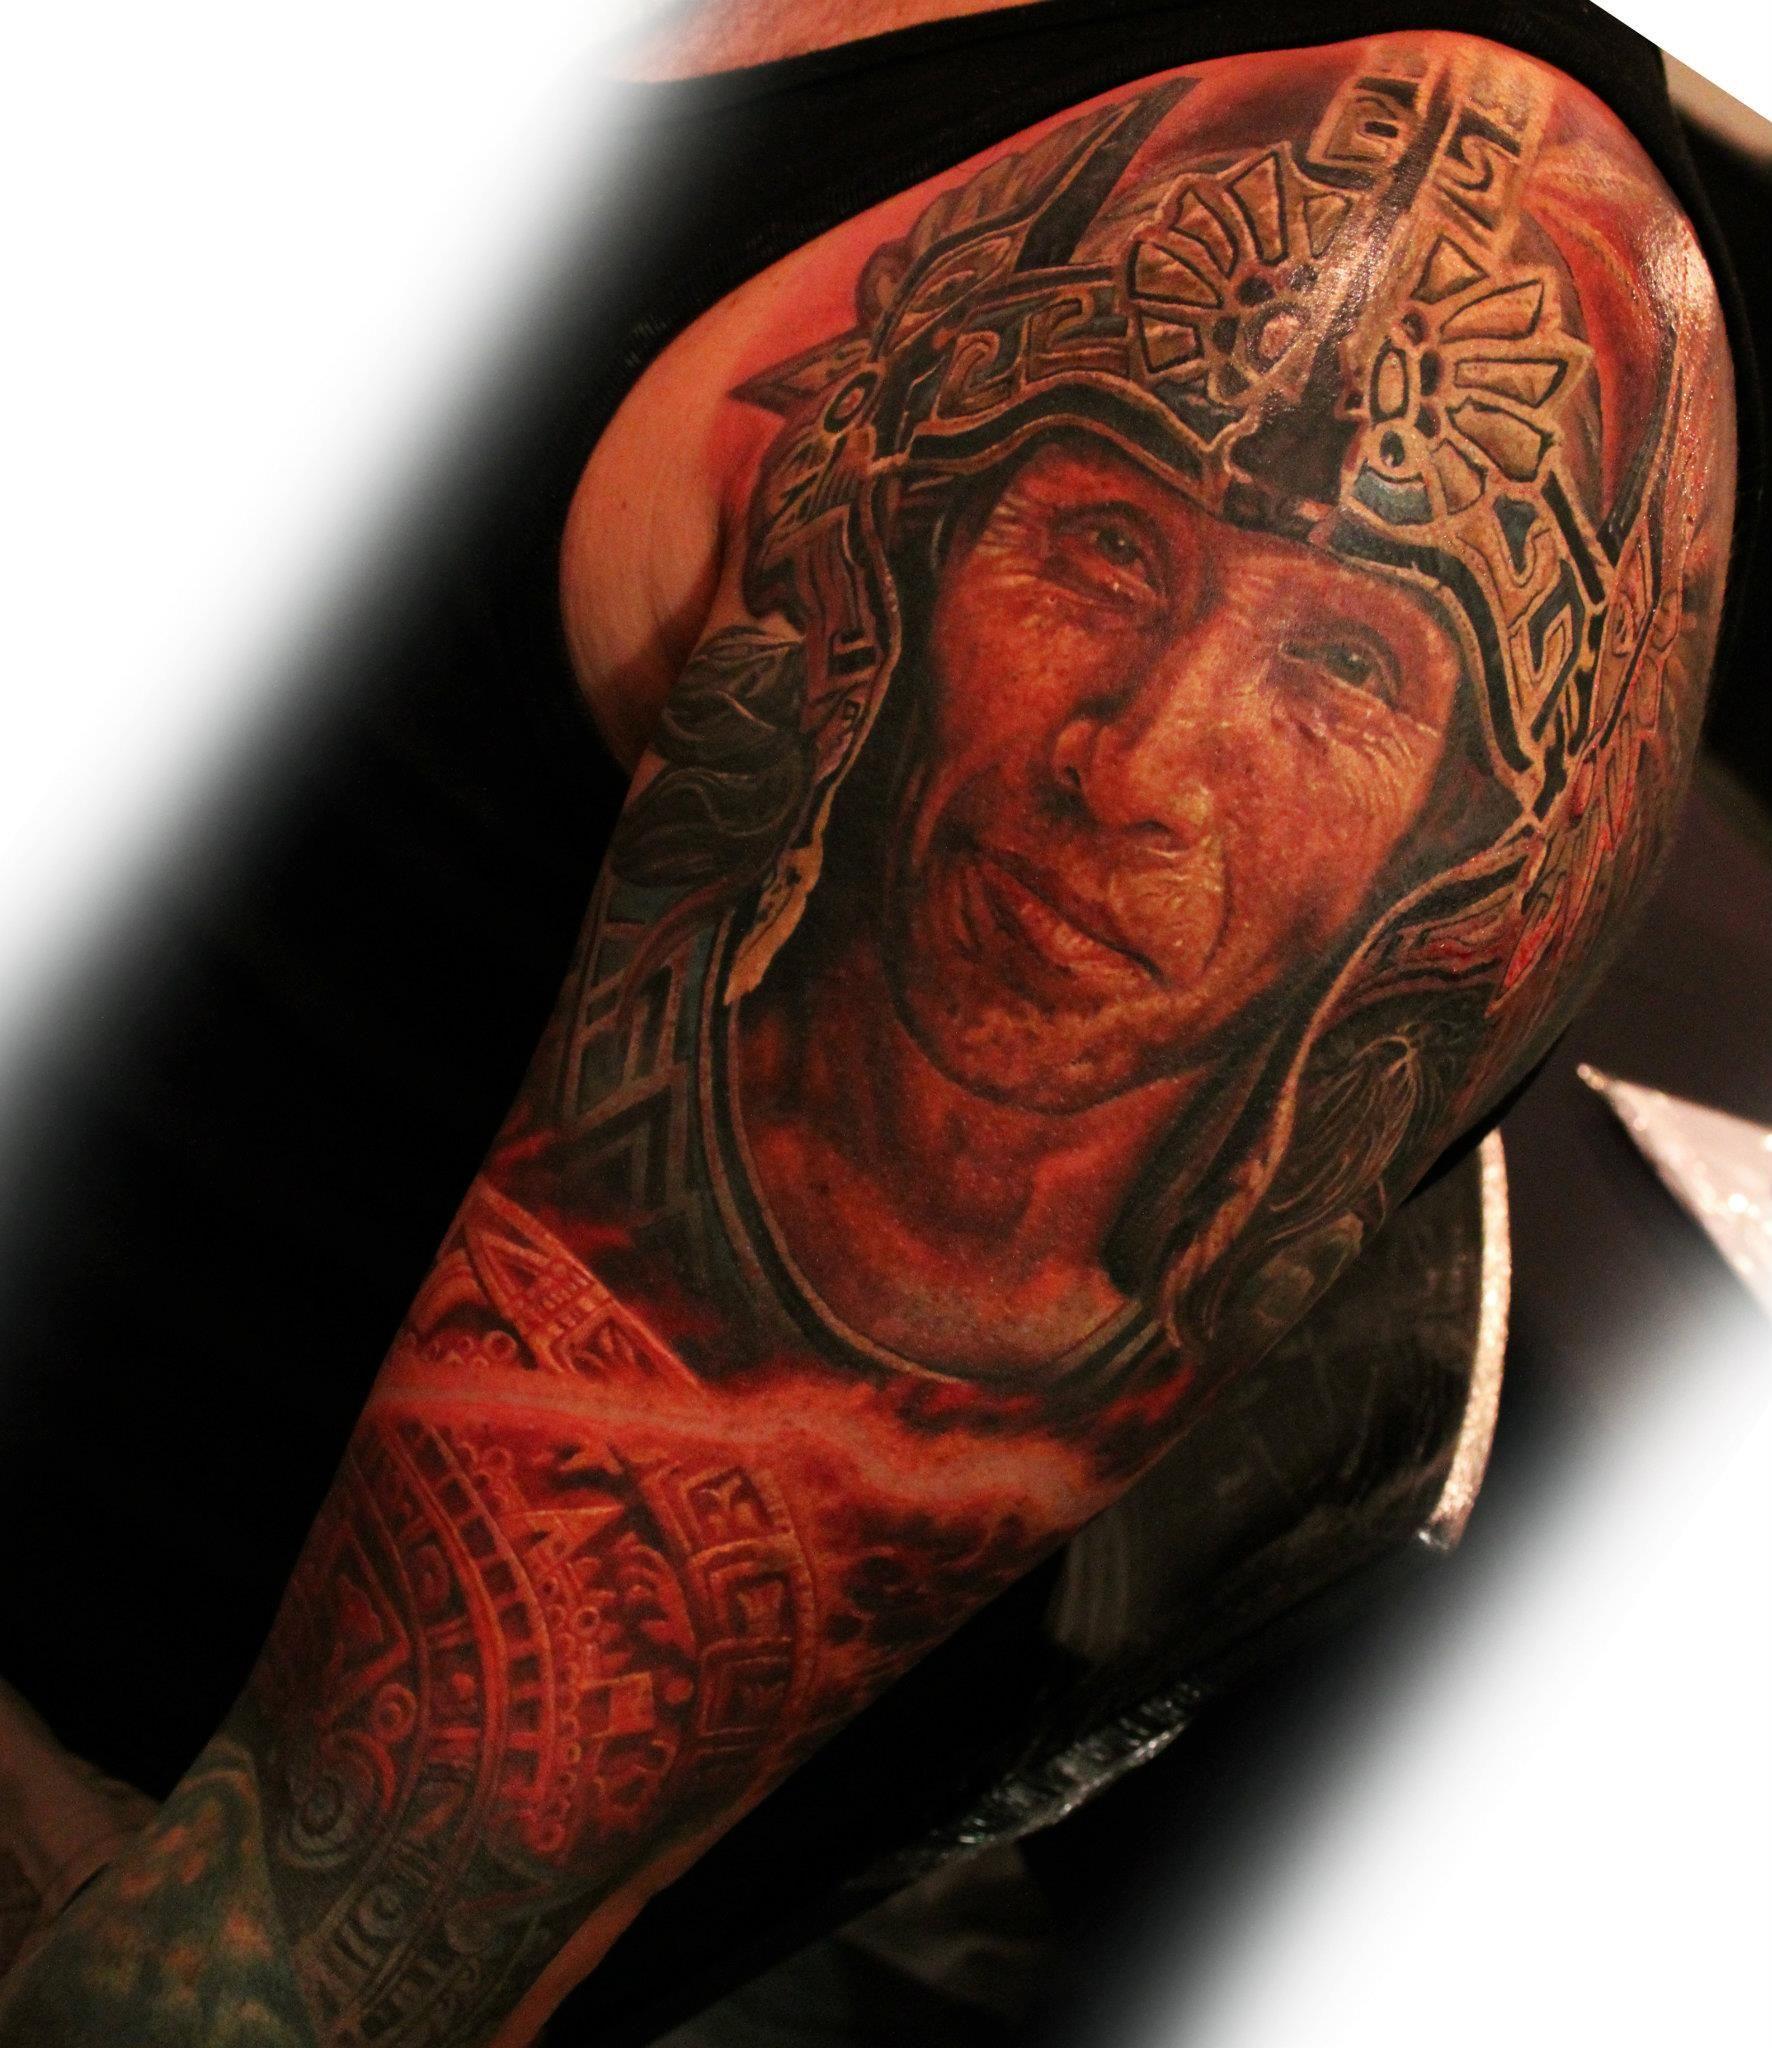 Boris Zalaegerszeg With Images Tattoos Ink Tattoo Portrait Tattoo